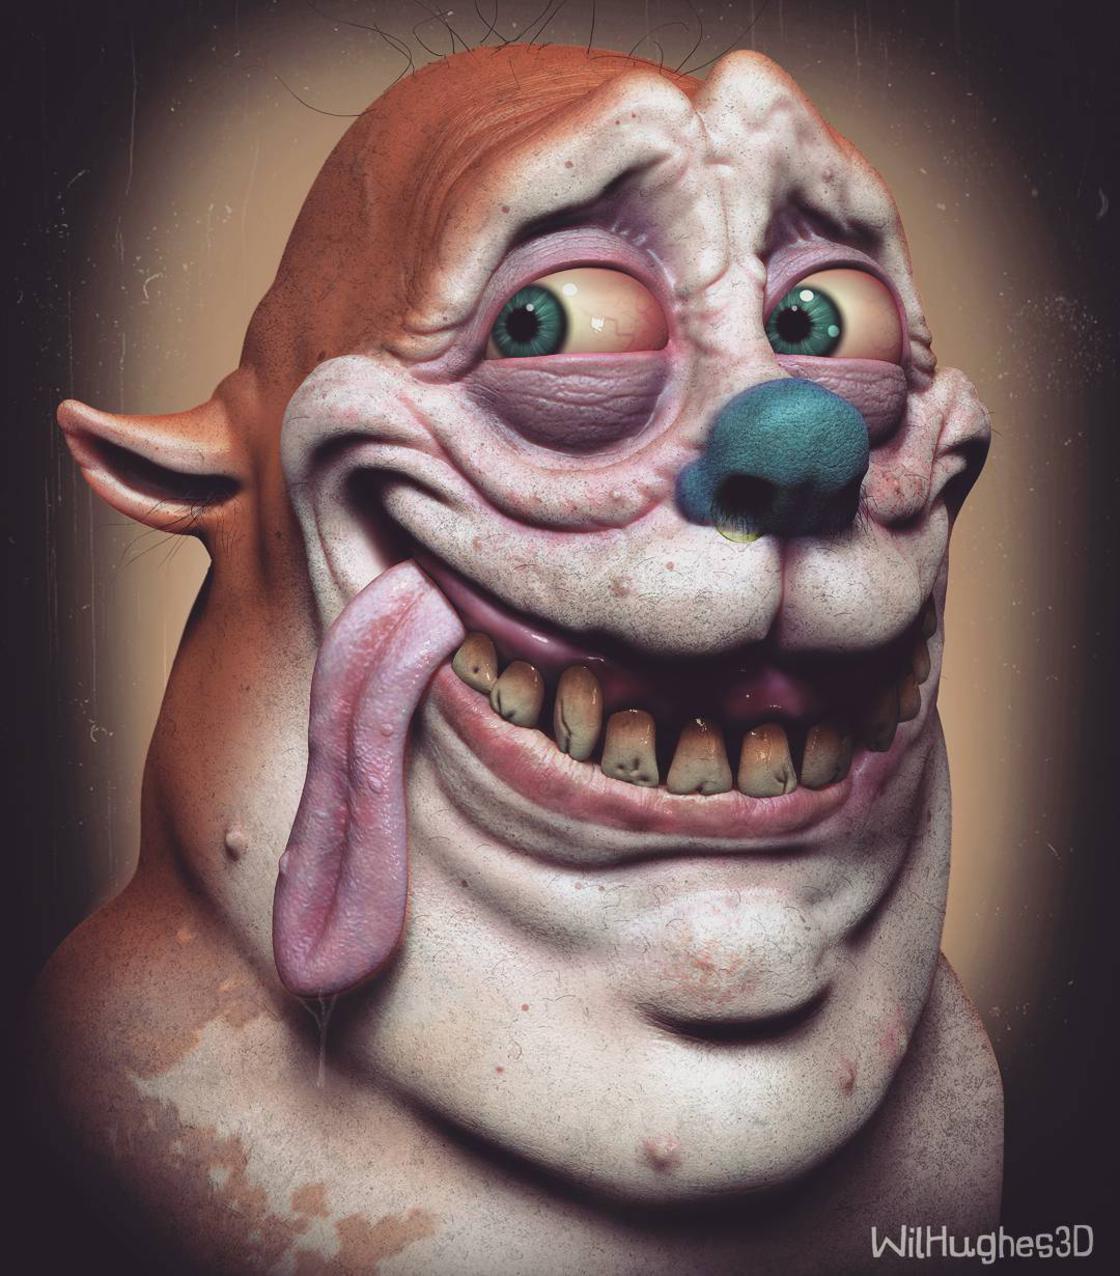 Alguem criou versoes 3D de personagens da cultura pop e o resultado e bem bizarro